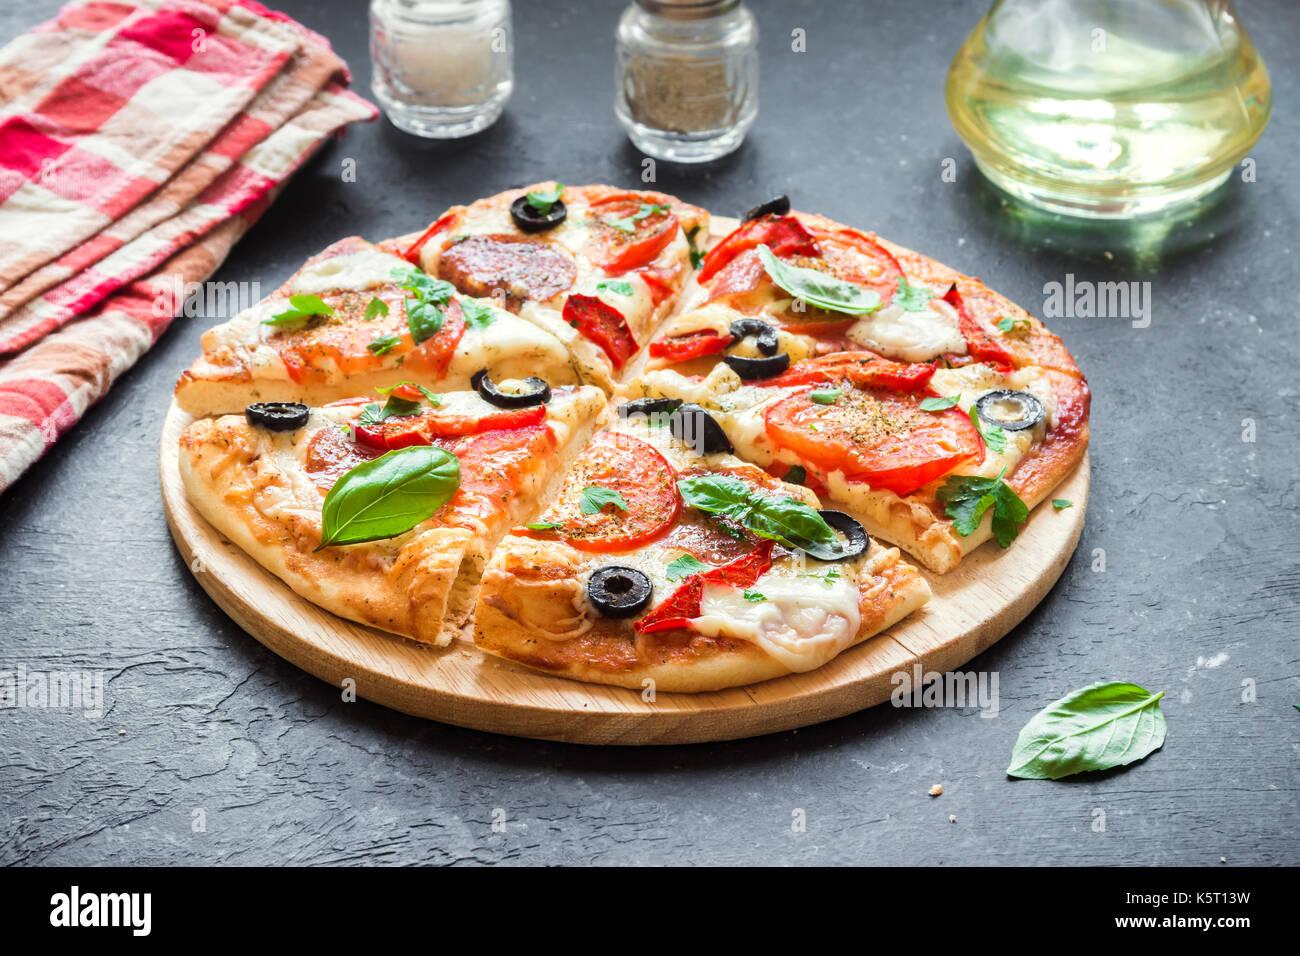 Italian pizza con pomodori, salame, olive nere e mozzarella, vista dall'alto. freschi fatti in casa la pizza. Immagini Stock